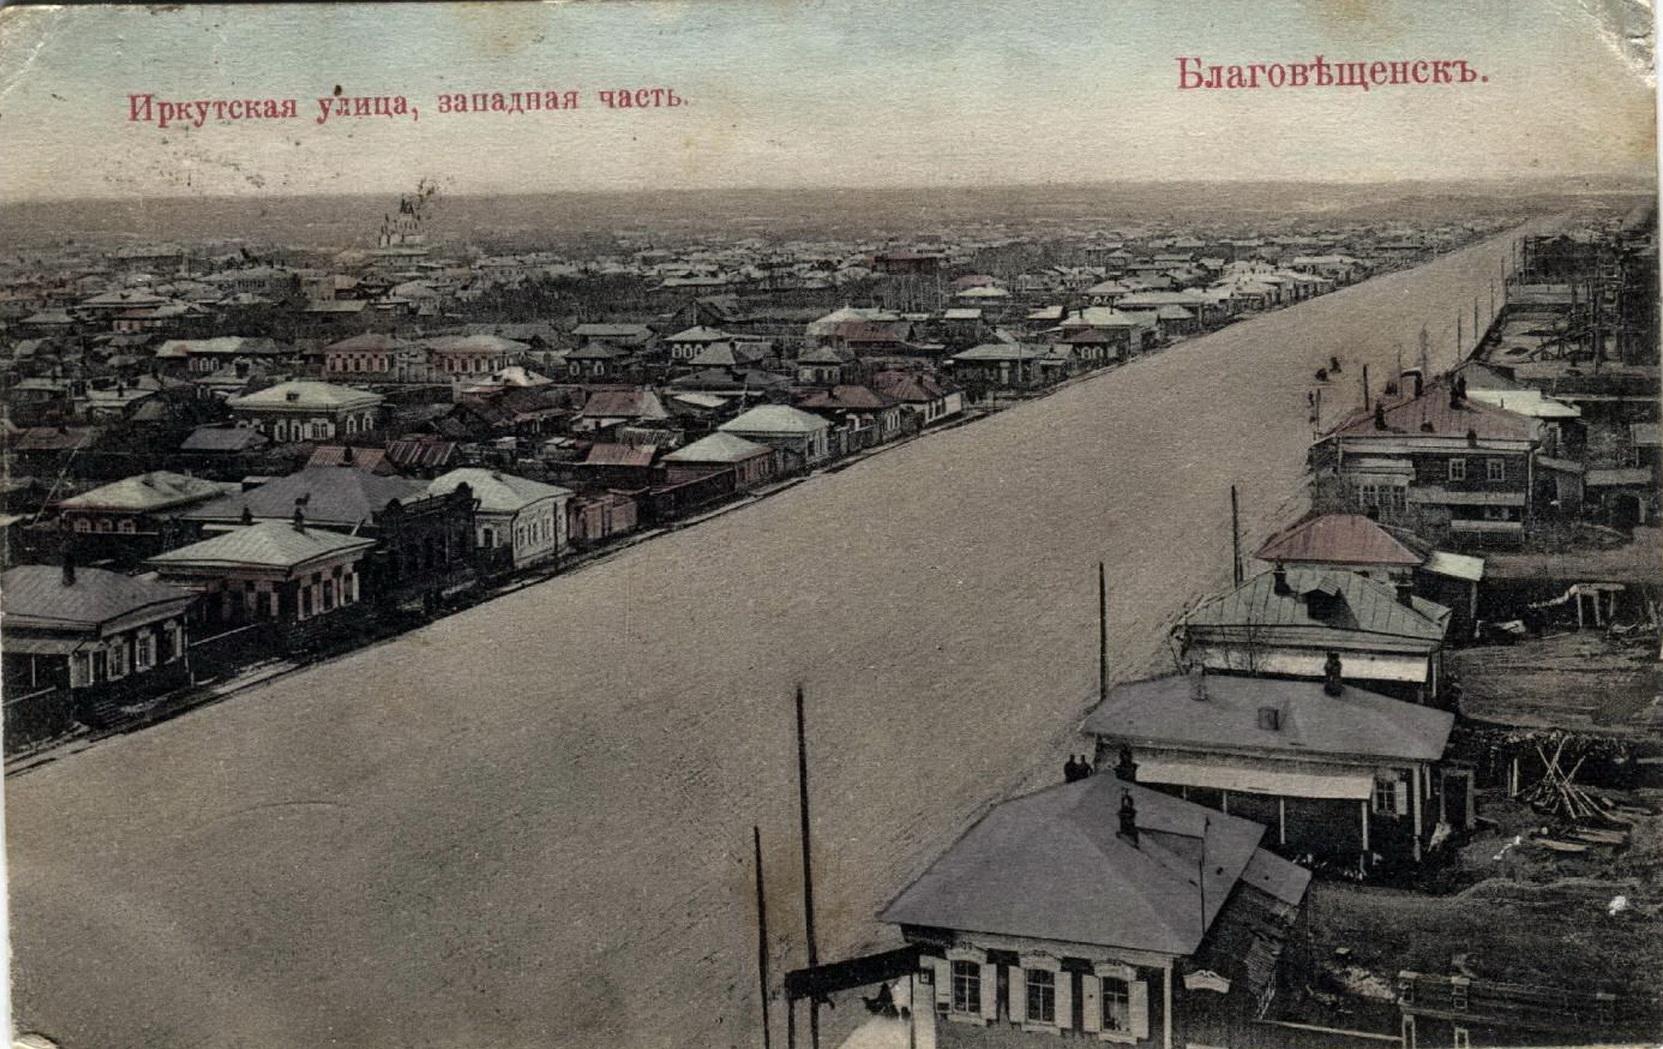 Иркутская улица, западная часть